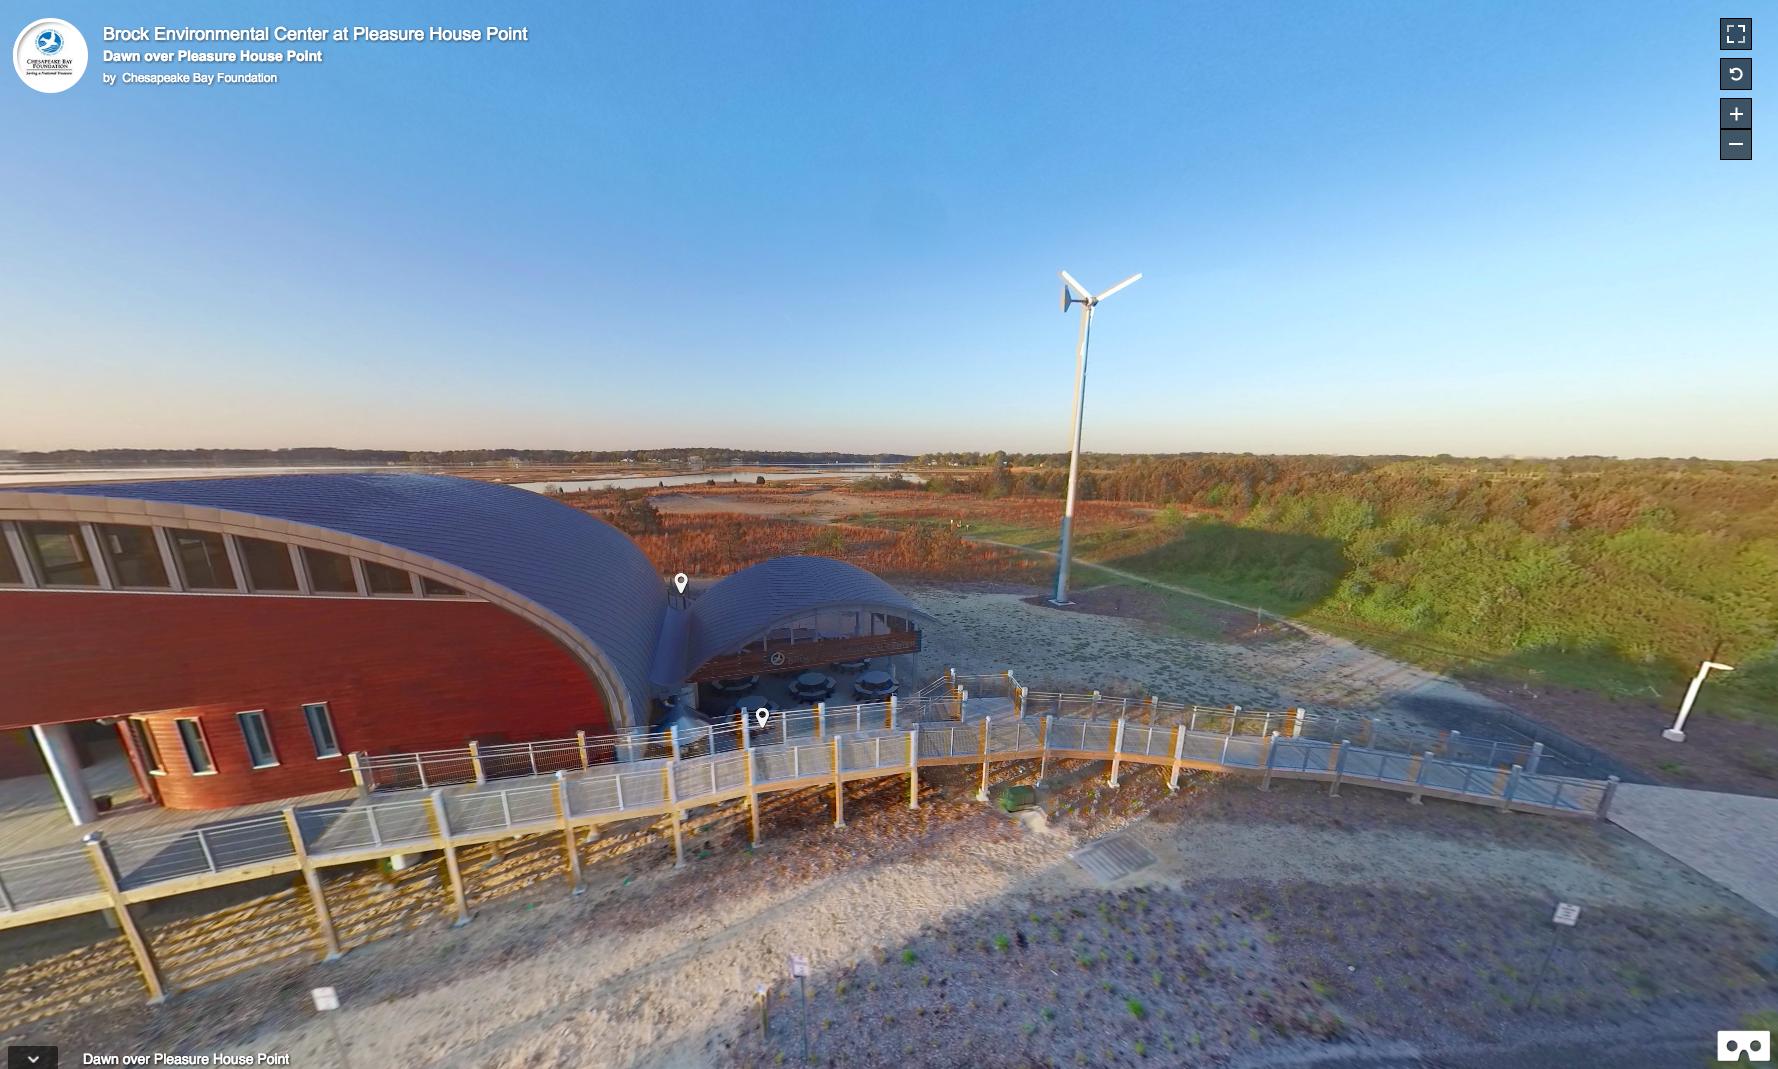 Drone Tour Screenshot